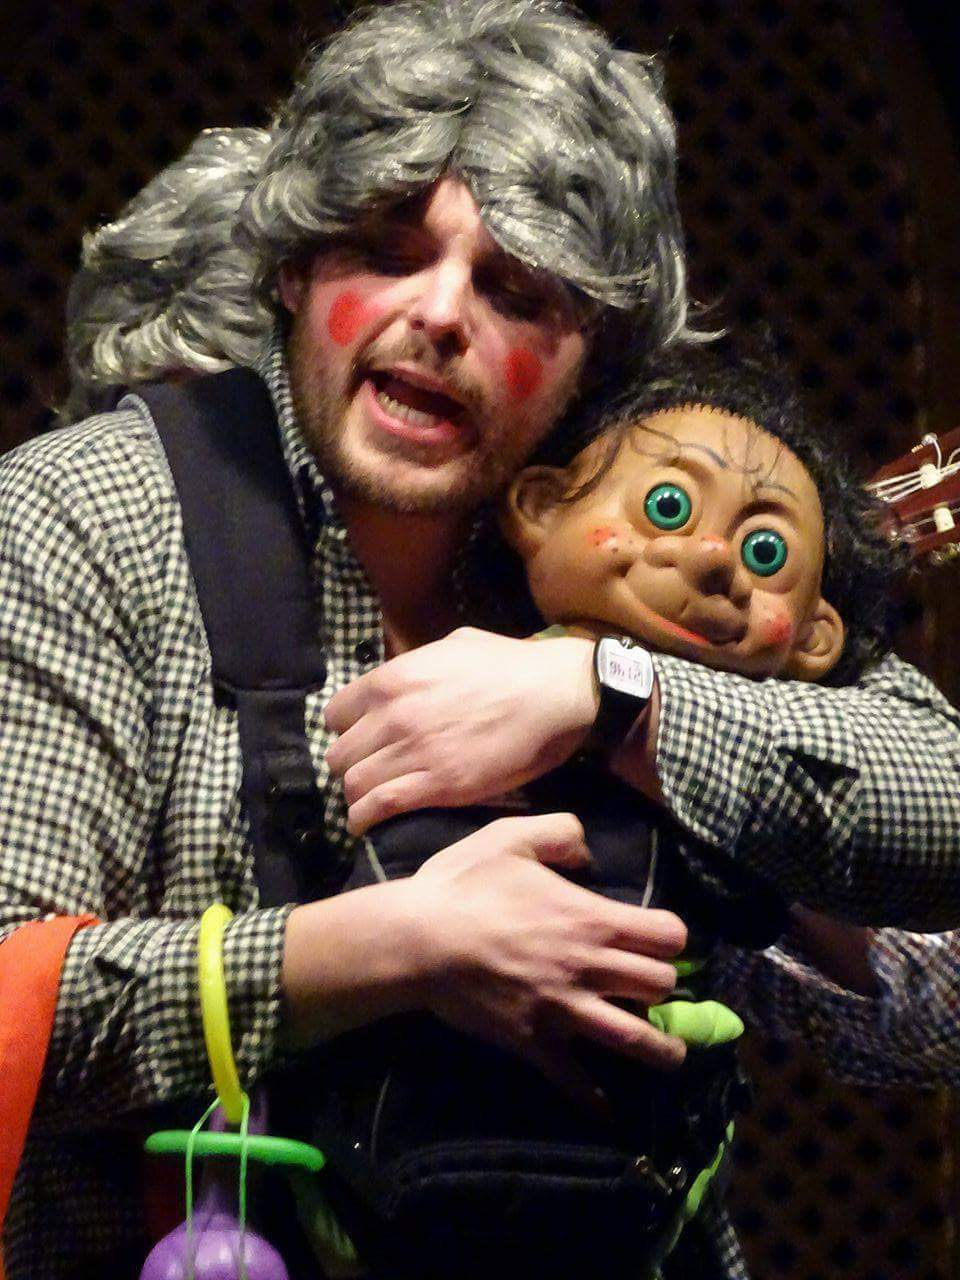 El concurso de murgas y el baile de máscaras ponen el broche a una intensa semana de carnaval en Torralba de Calatrava